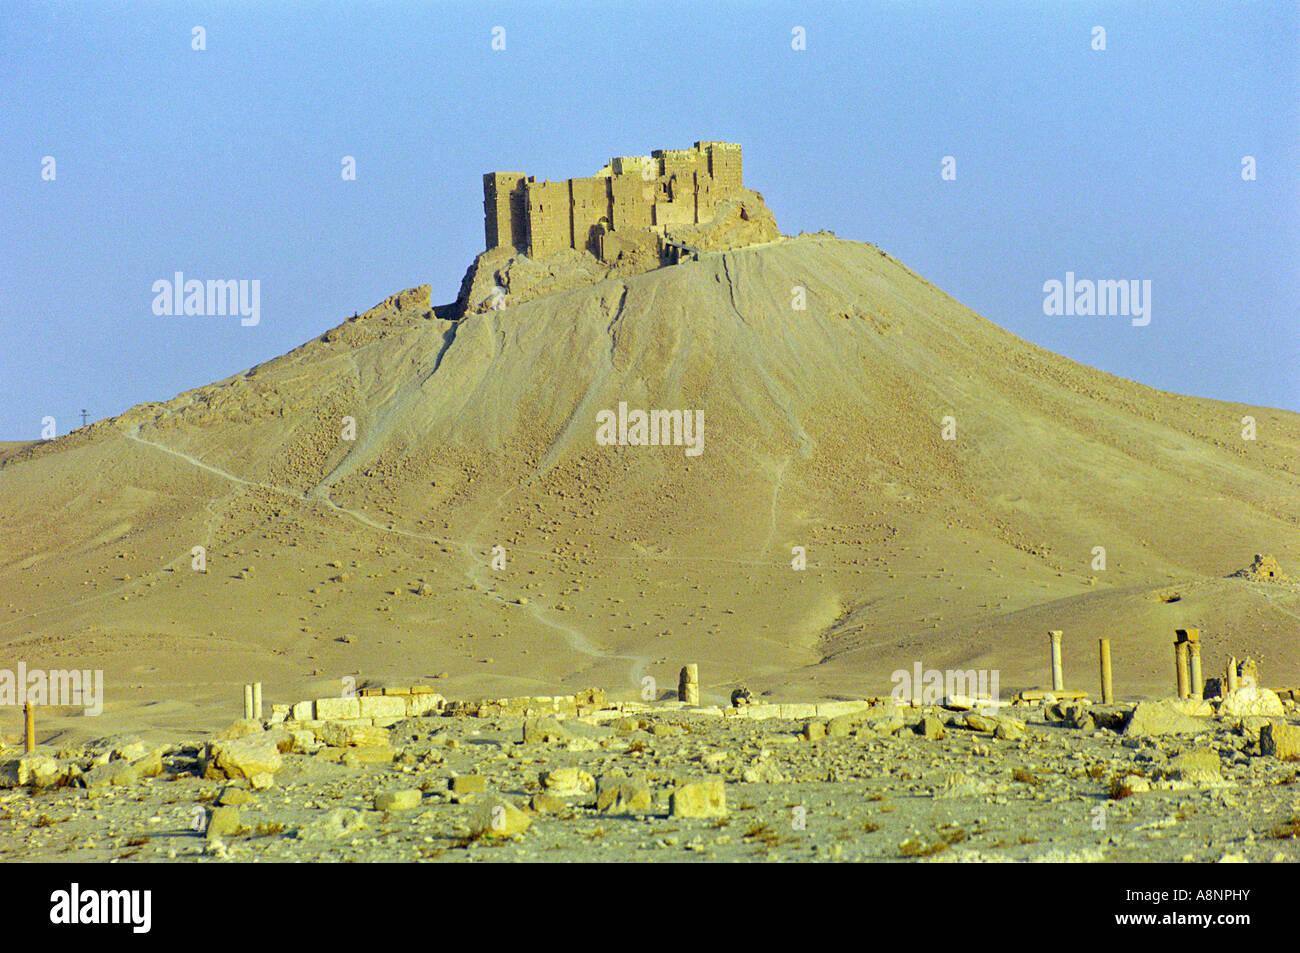 Qala'at Ibn Maan - Palmyra, SYRIA - Stock Image